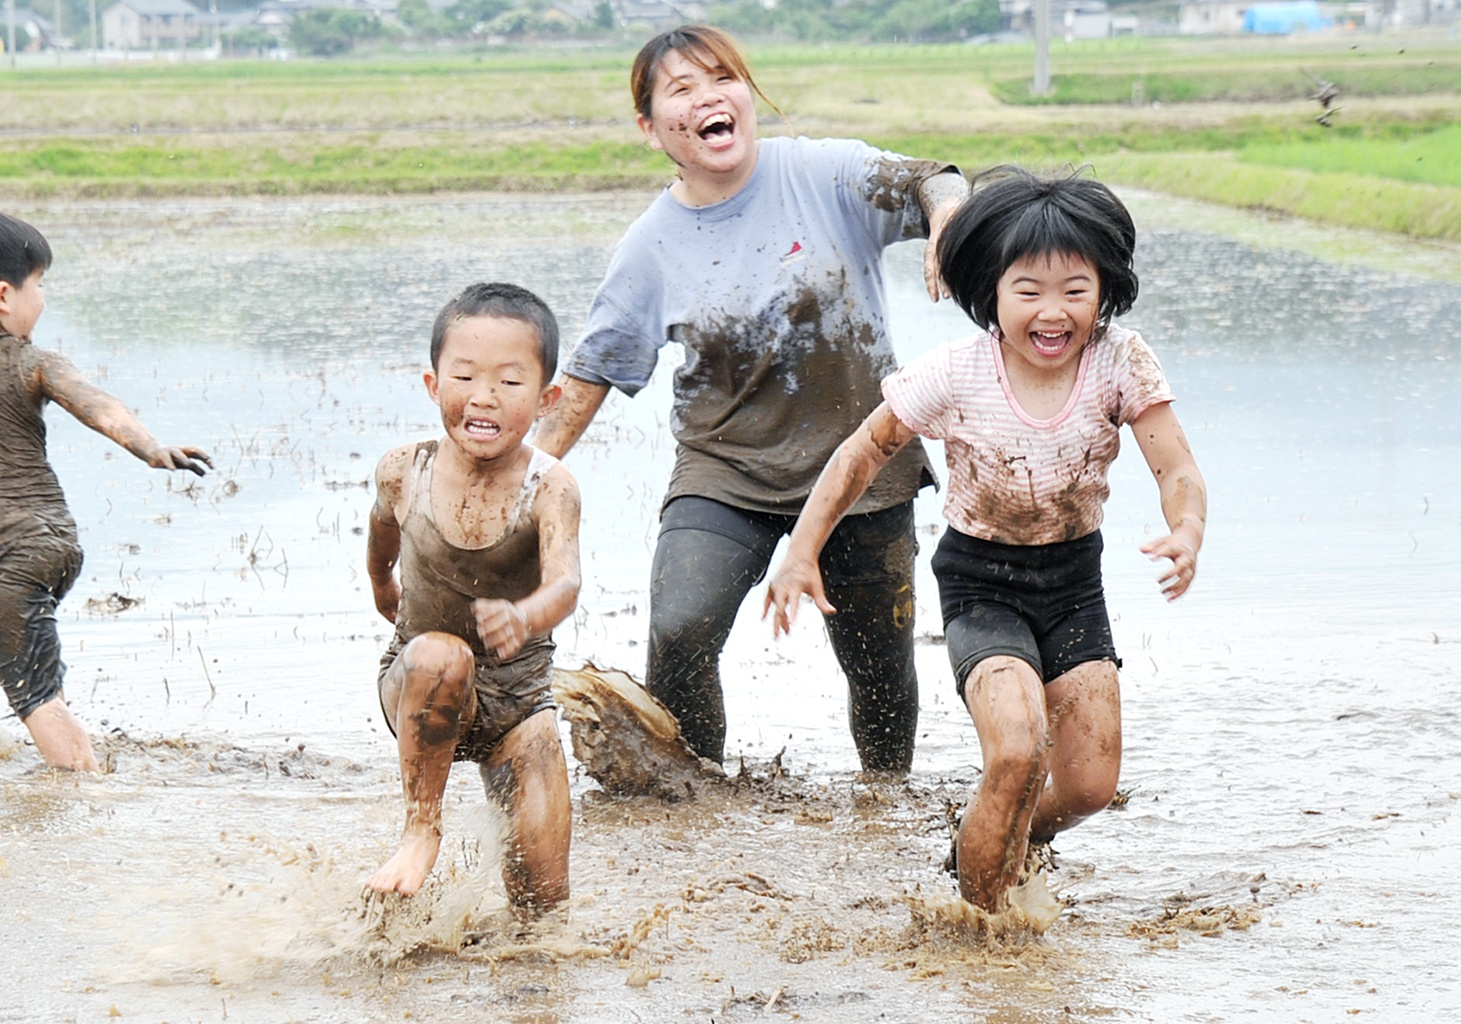 泥んこ遊びへ行ってきました!【5歳児らいおん組】 - 白川グループ ...